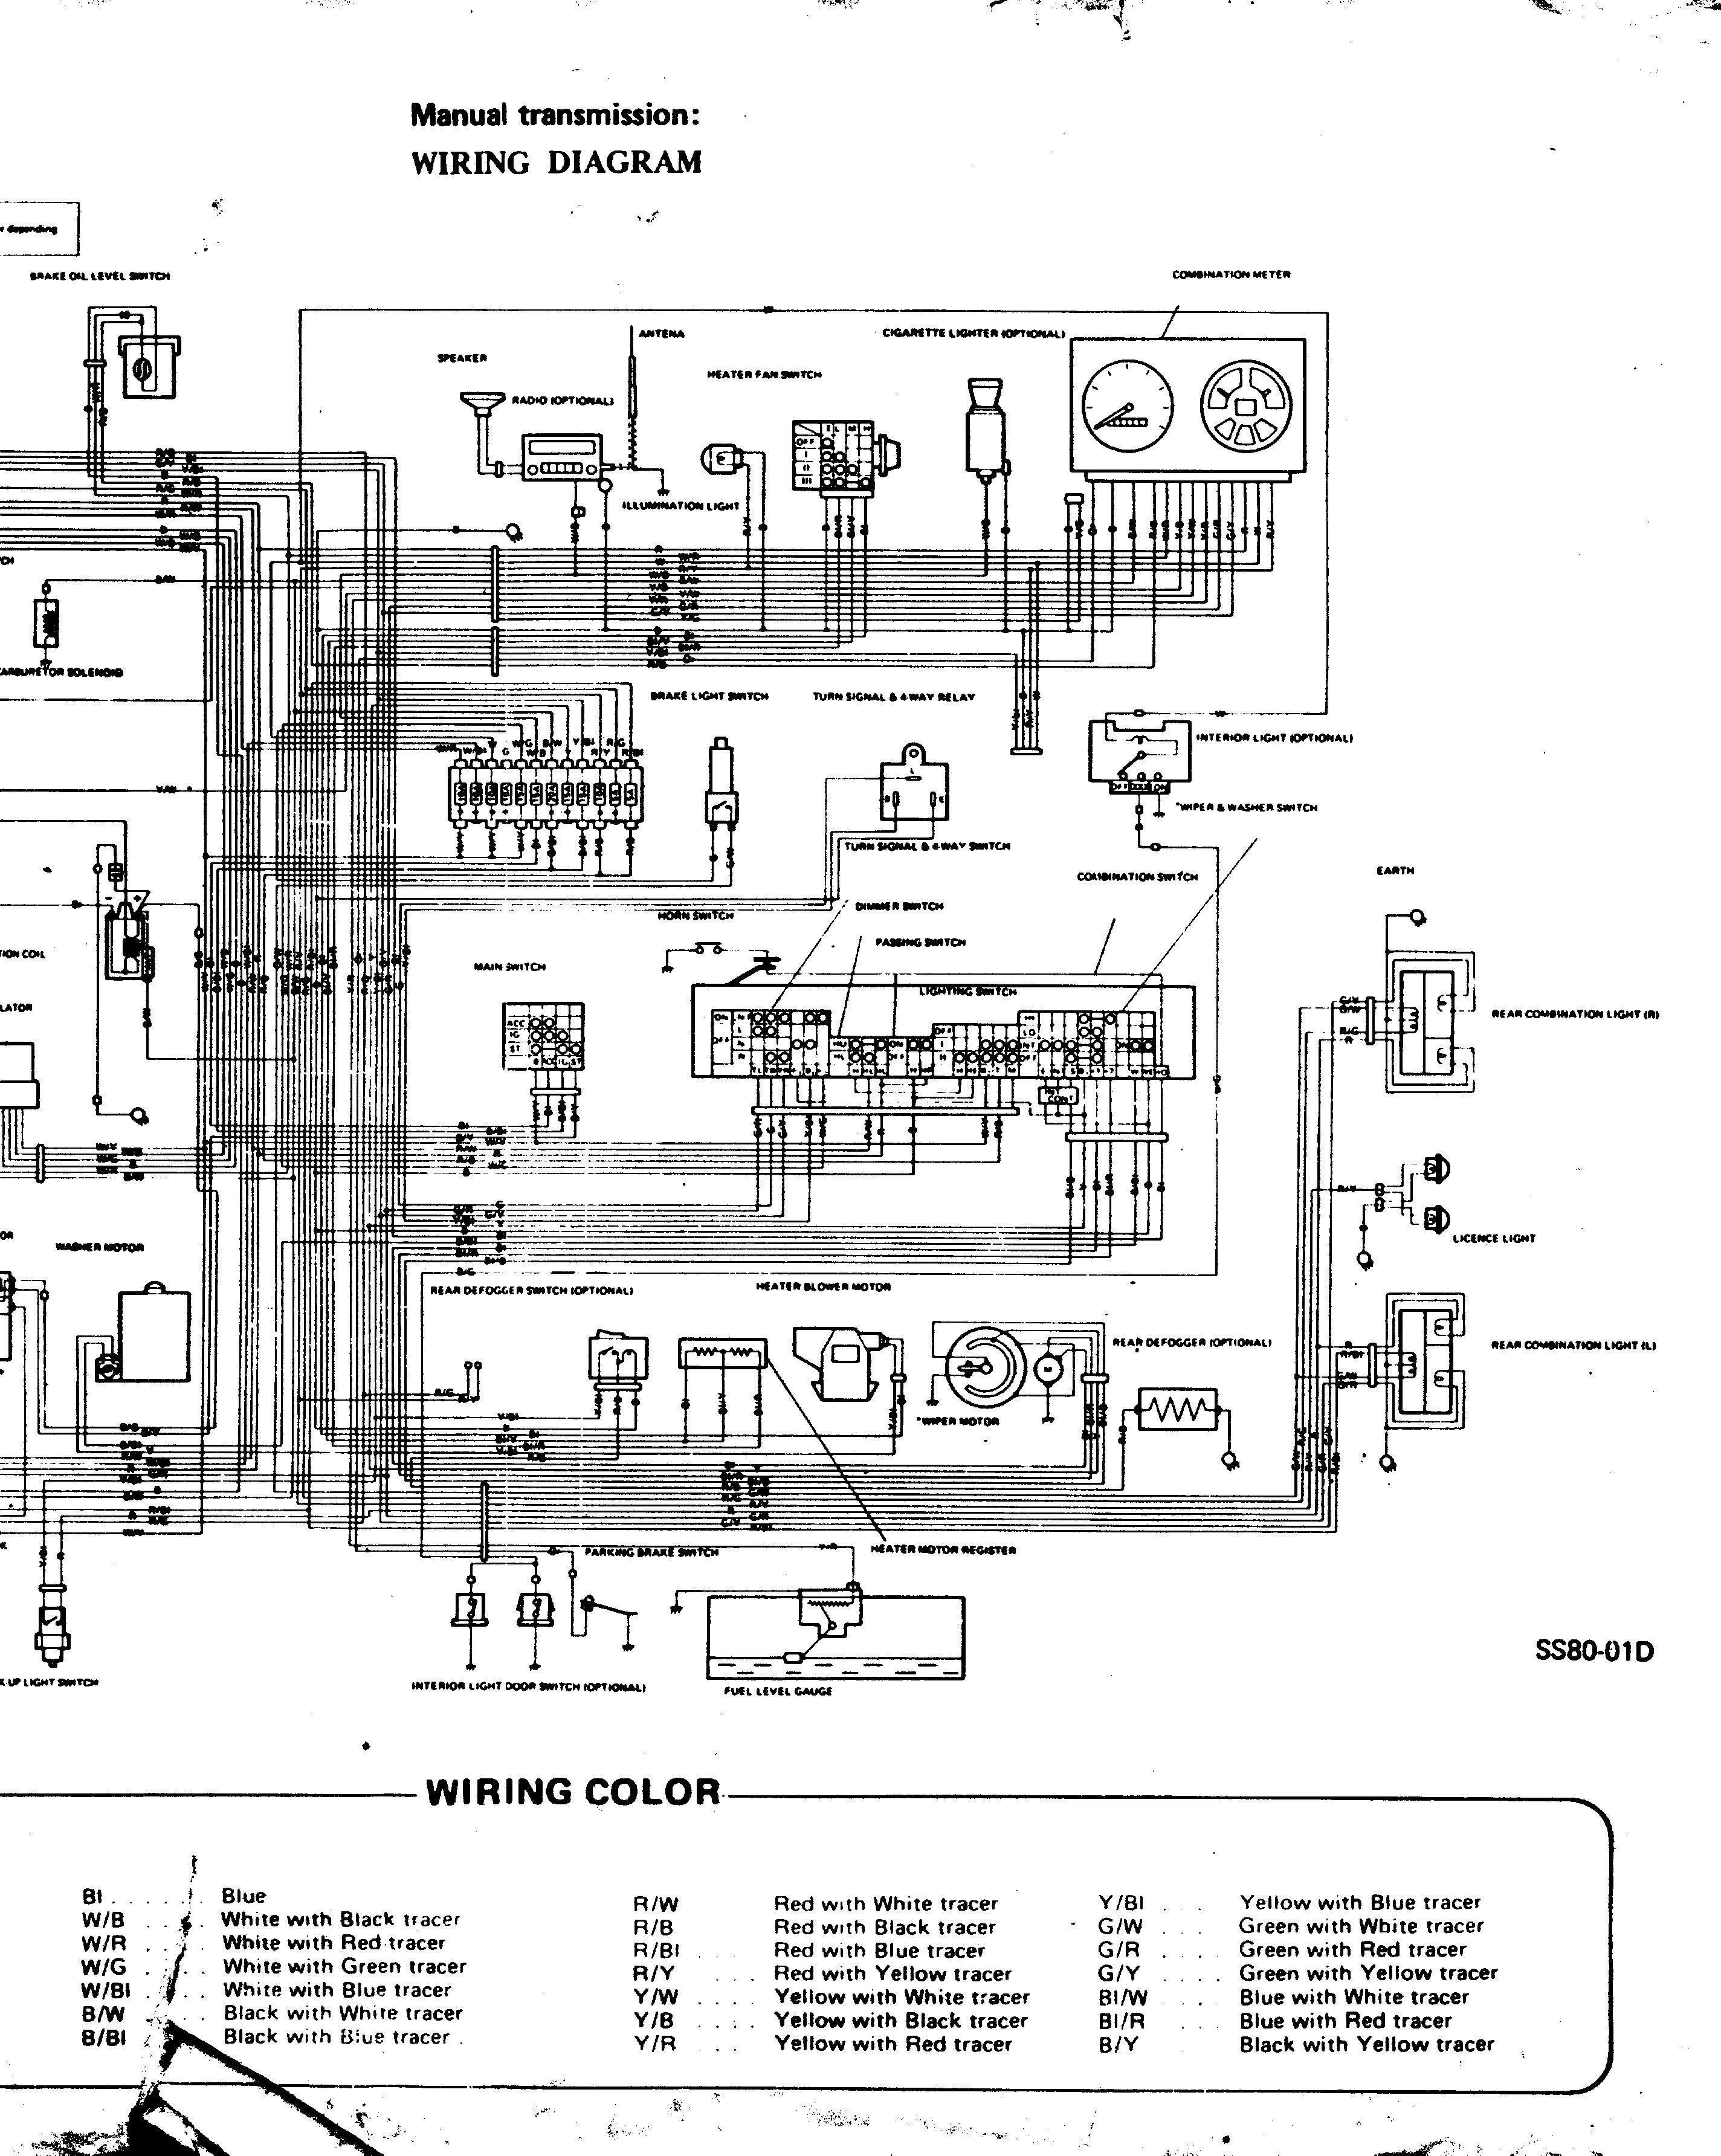 Wiring Diagram Of Suzuki Mehran Libraries Wolsten Diagrams Heated Mirrors Wagon R Onlinesuzuki Electrical Scematic